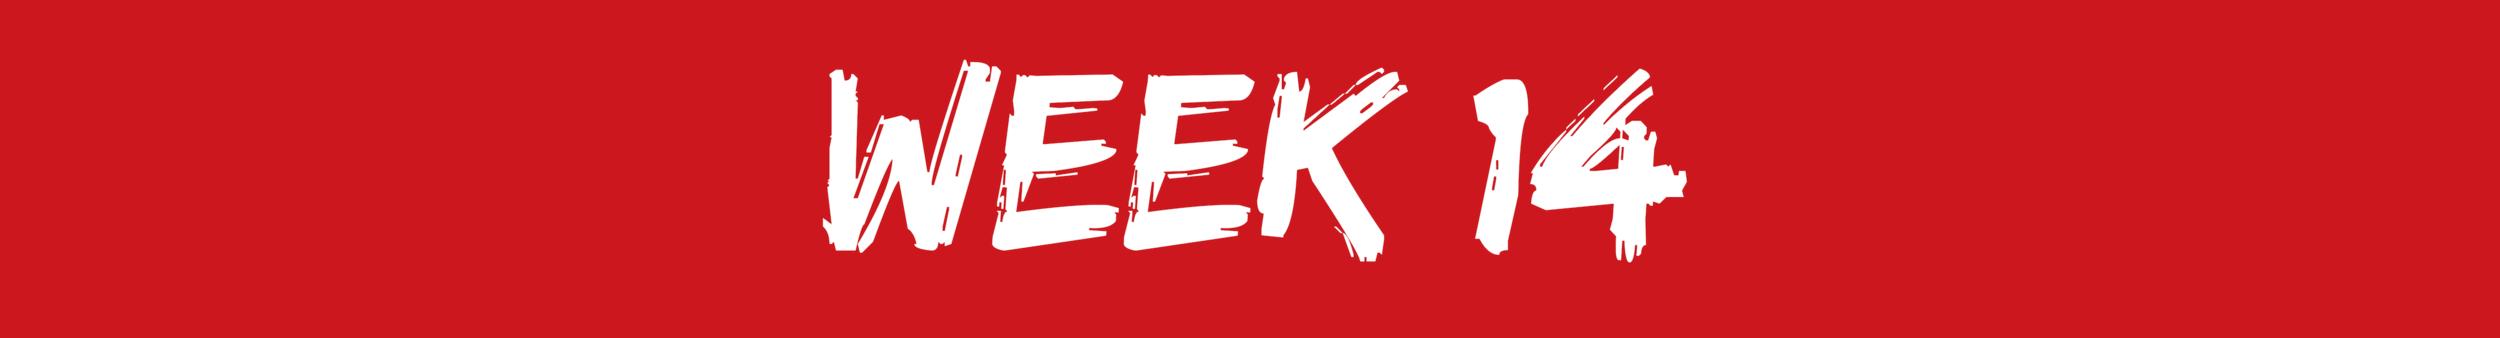 LCA4R week 14.png